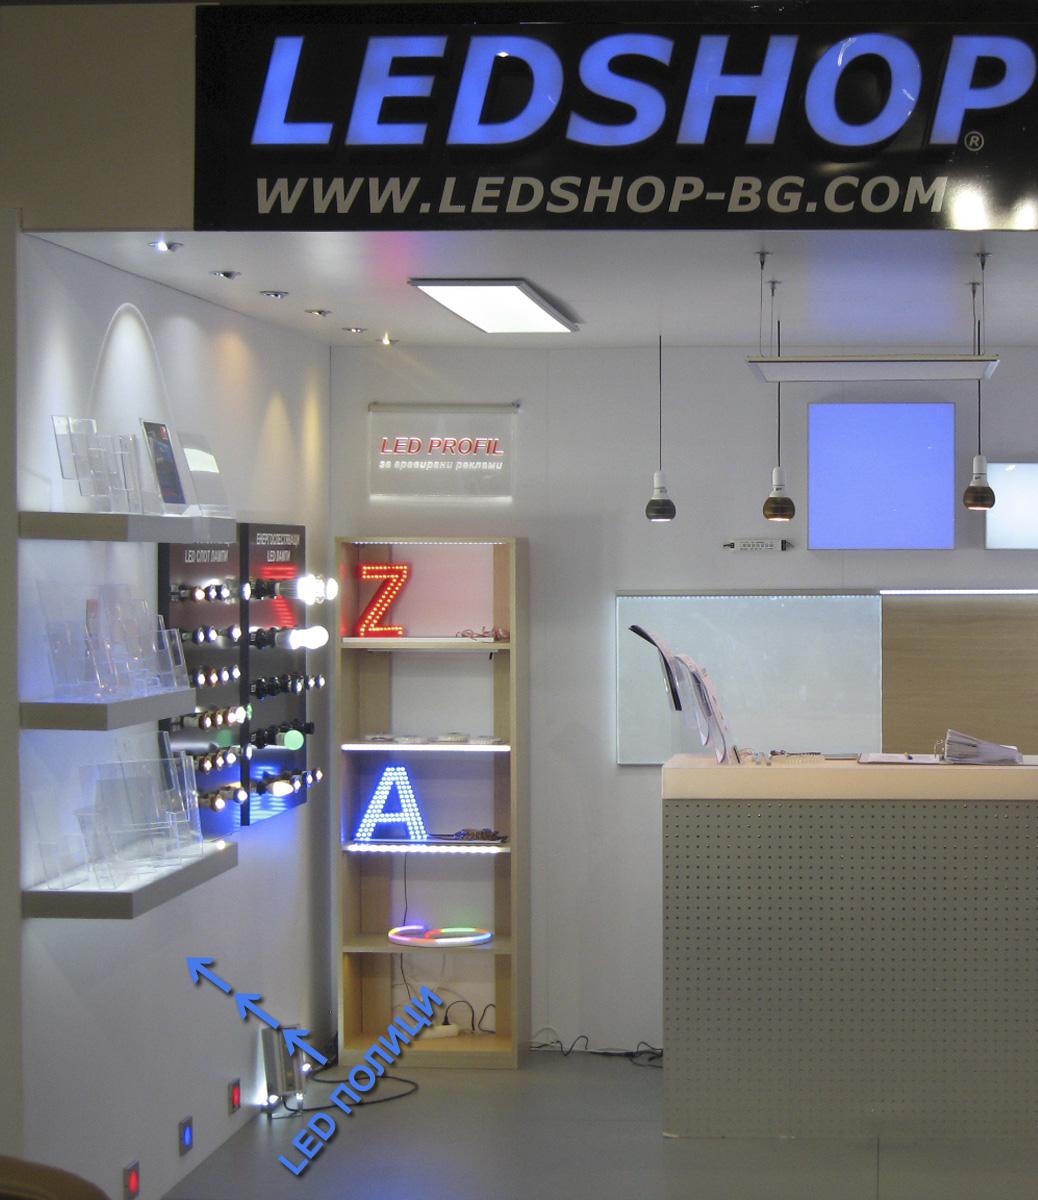 LED полици (рафтове) LED осветление за мебели в магазини, офиси, шоу-румове, офис помещения, жилища и други